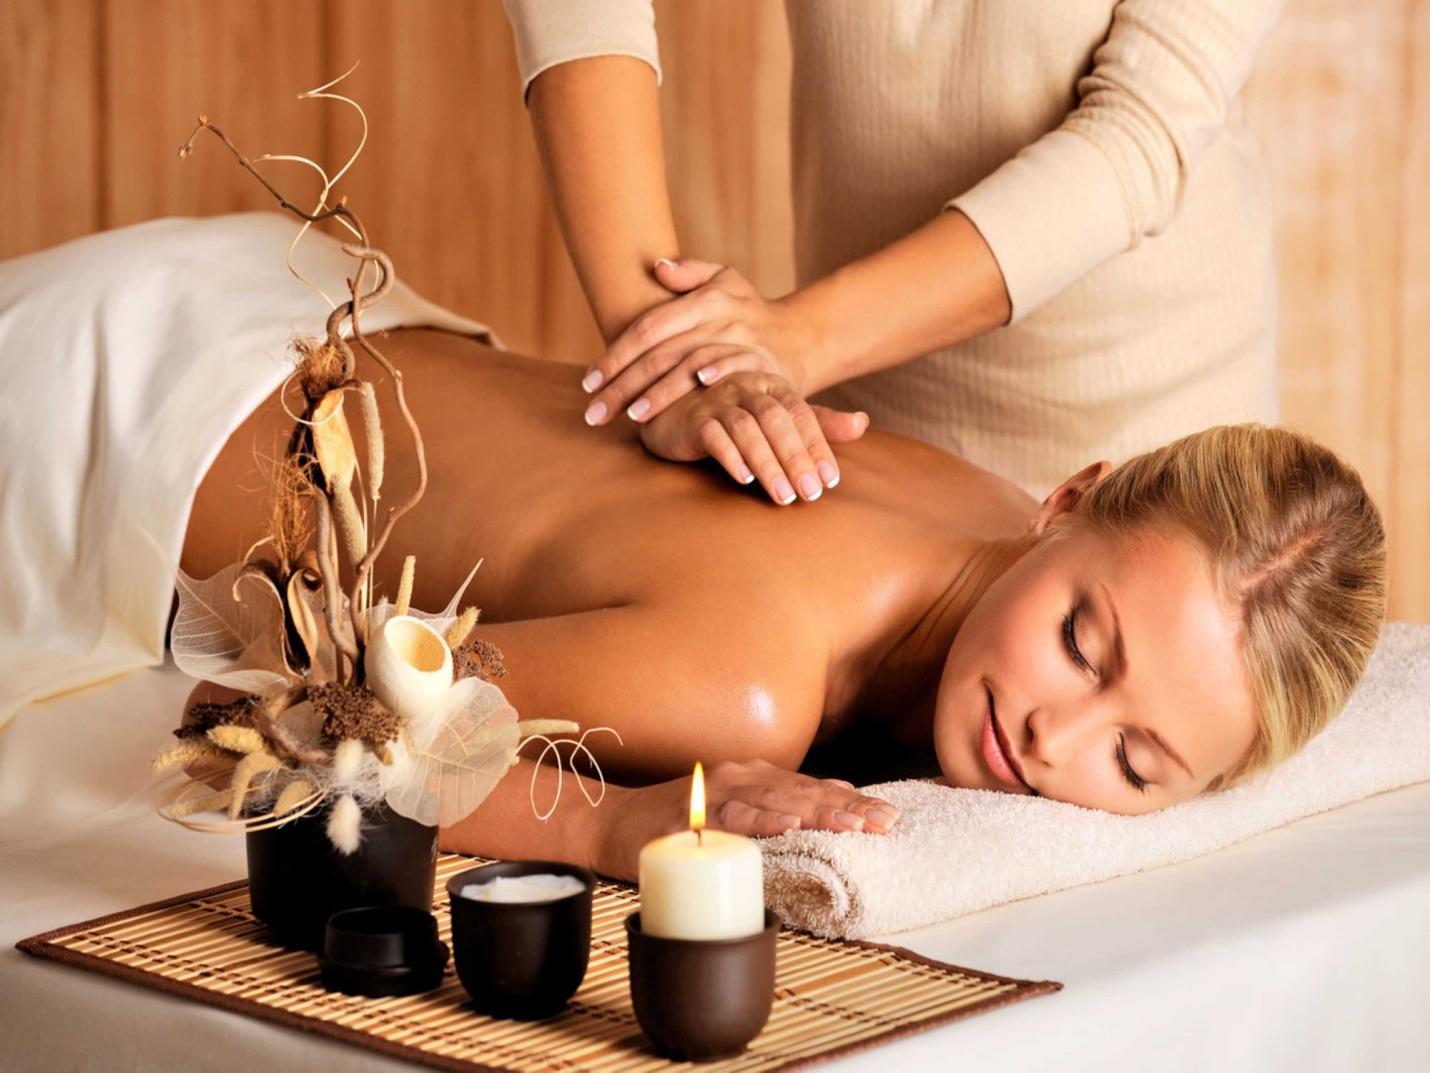 Nhật Bản: Cái nôi truyền thống và những bài massage ai cũng biết